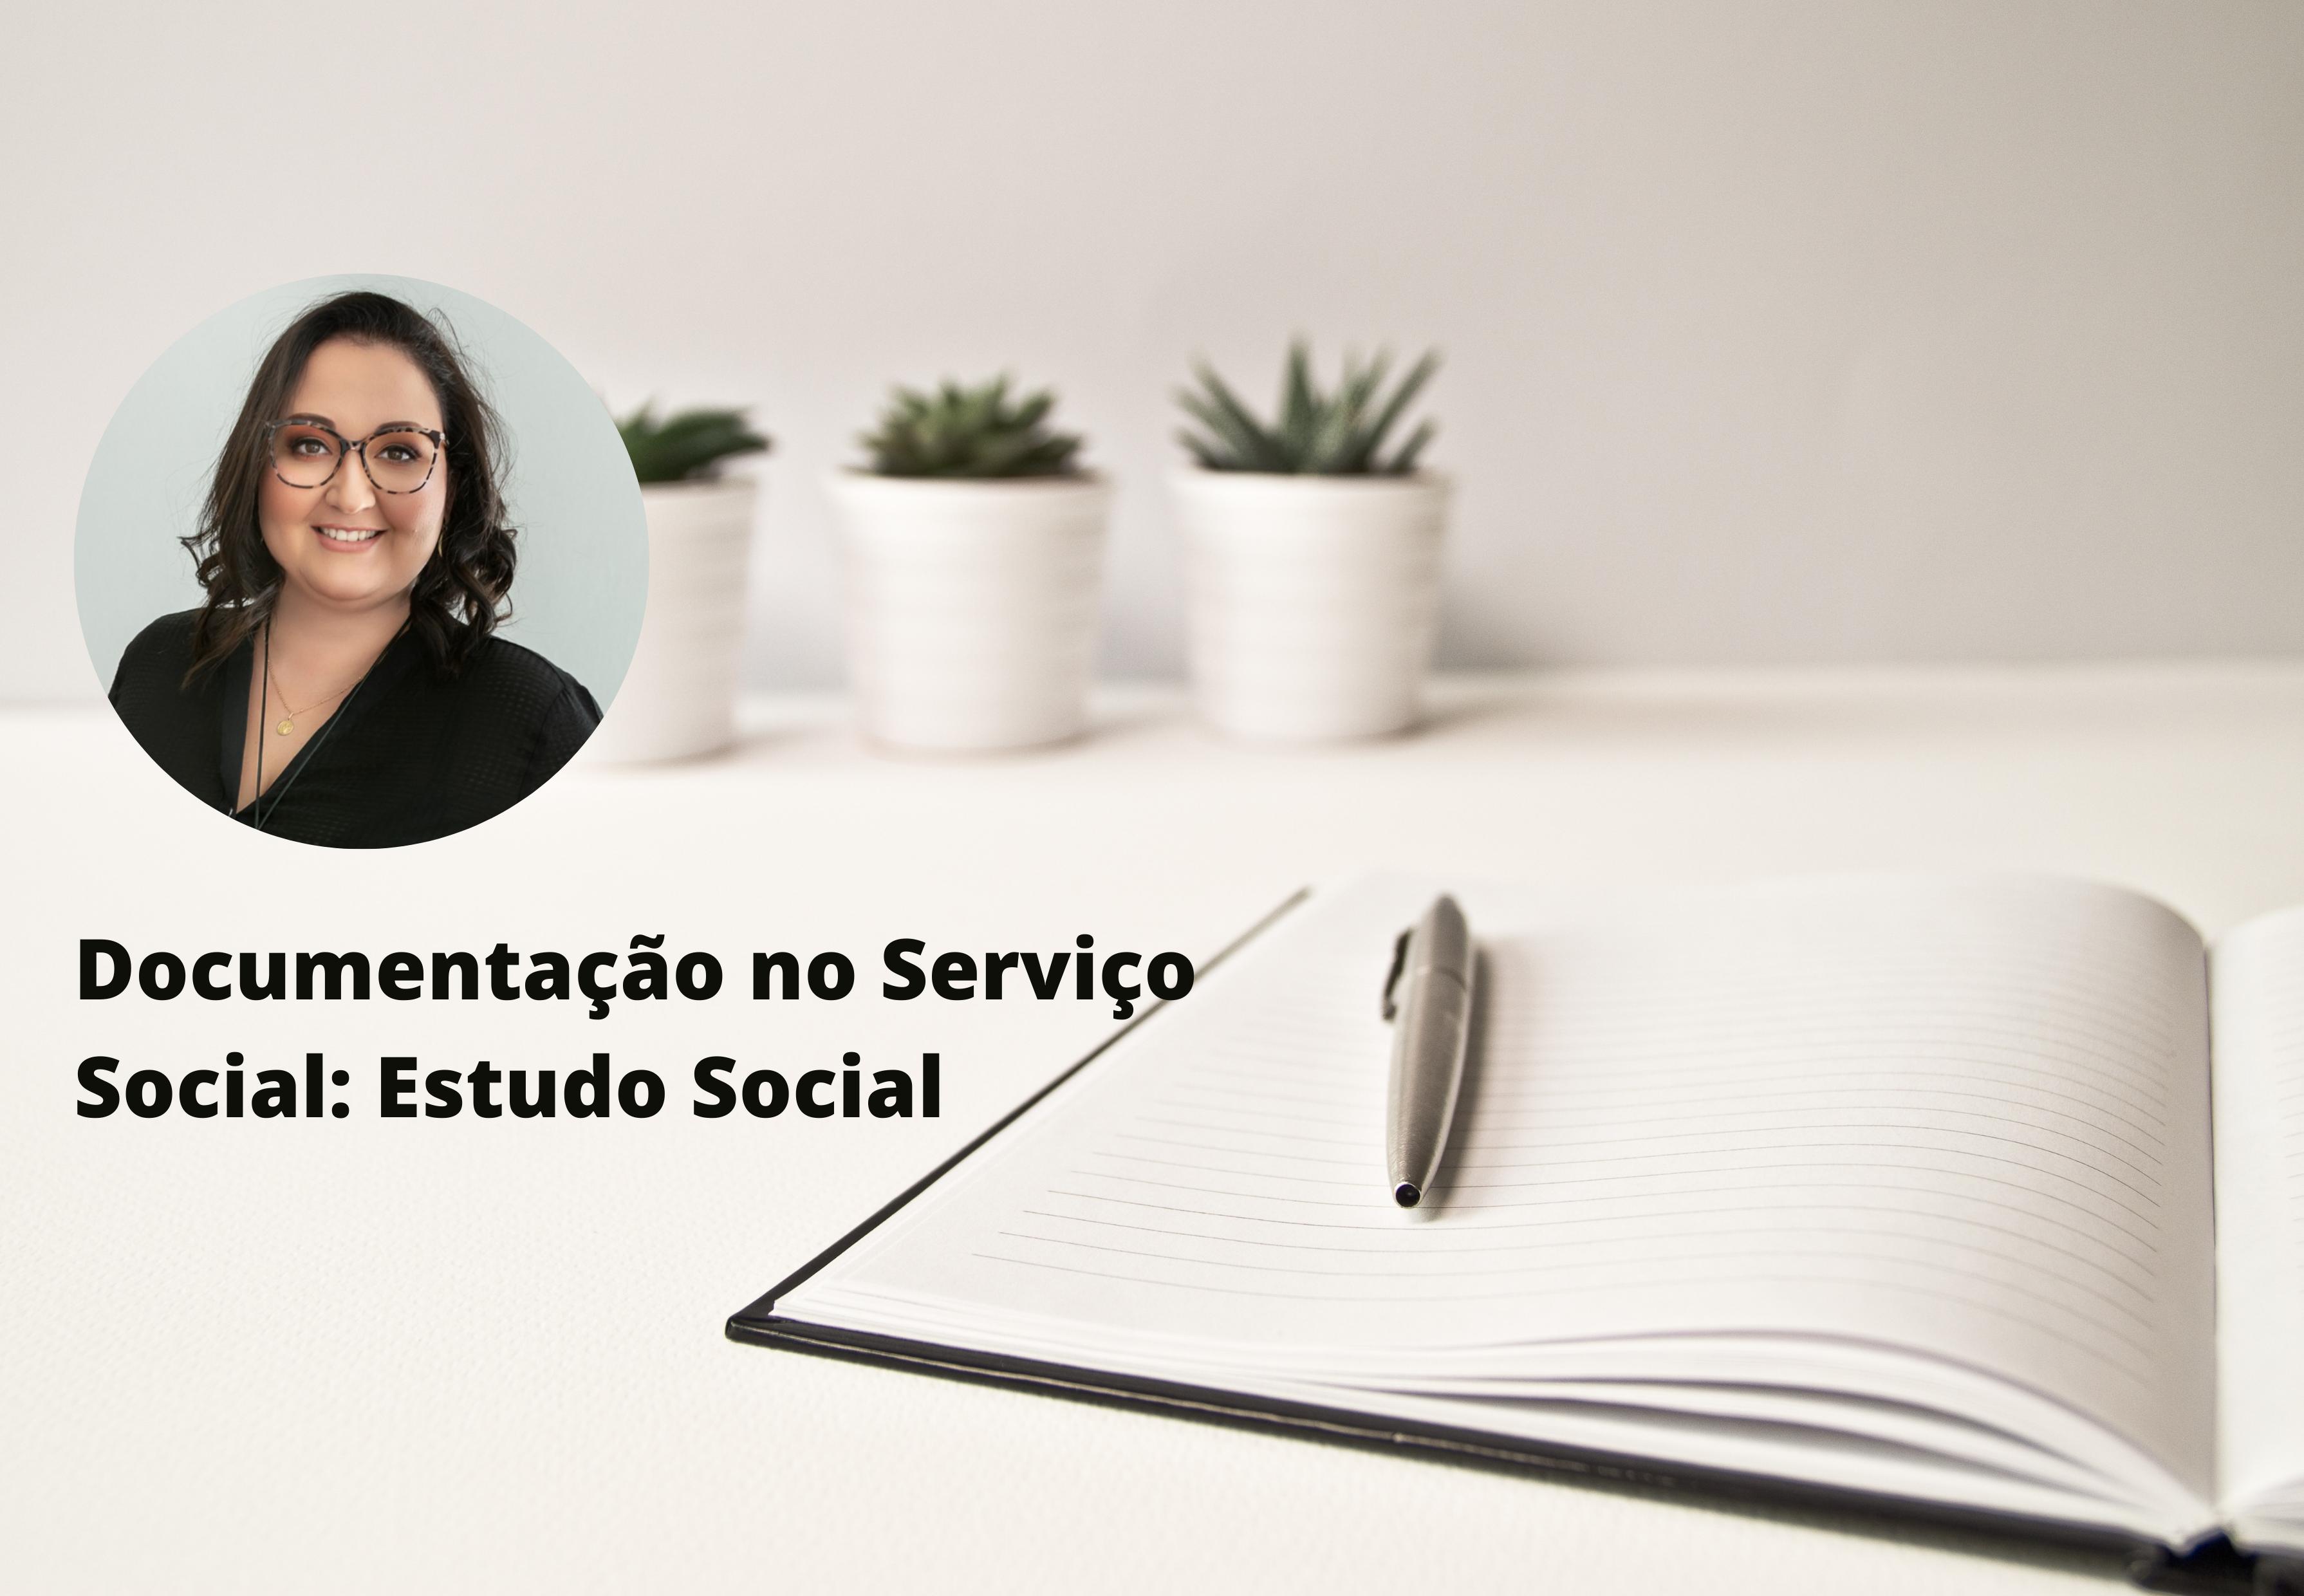 Documentação no Serviço Social: Estudo Social